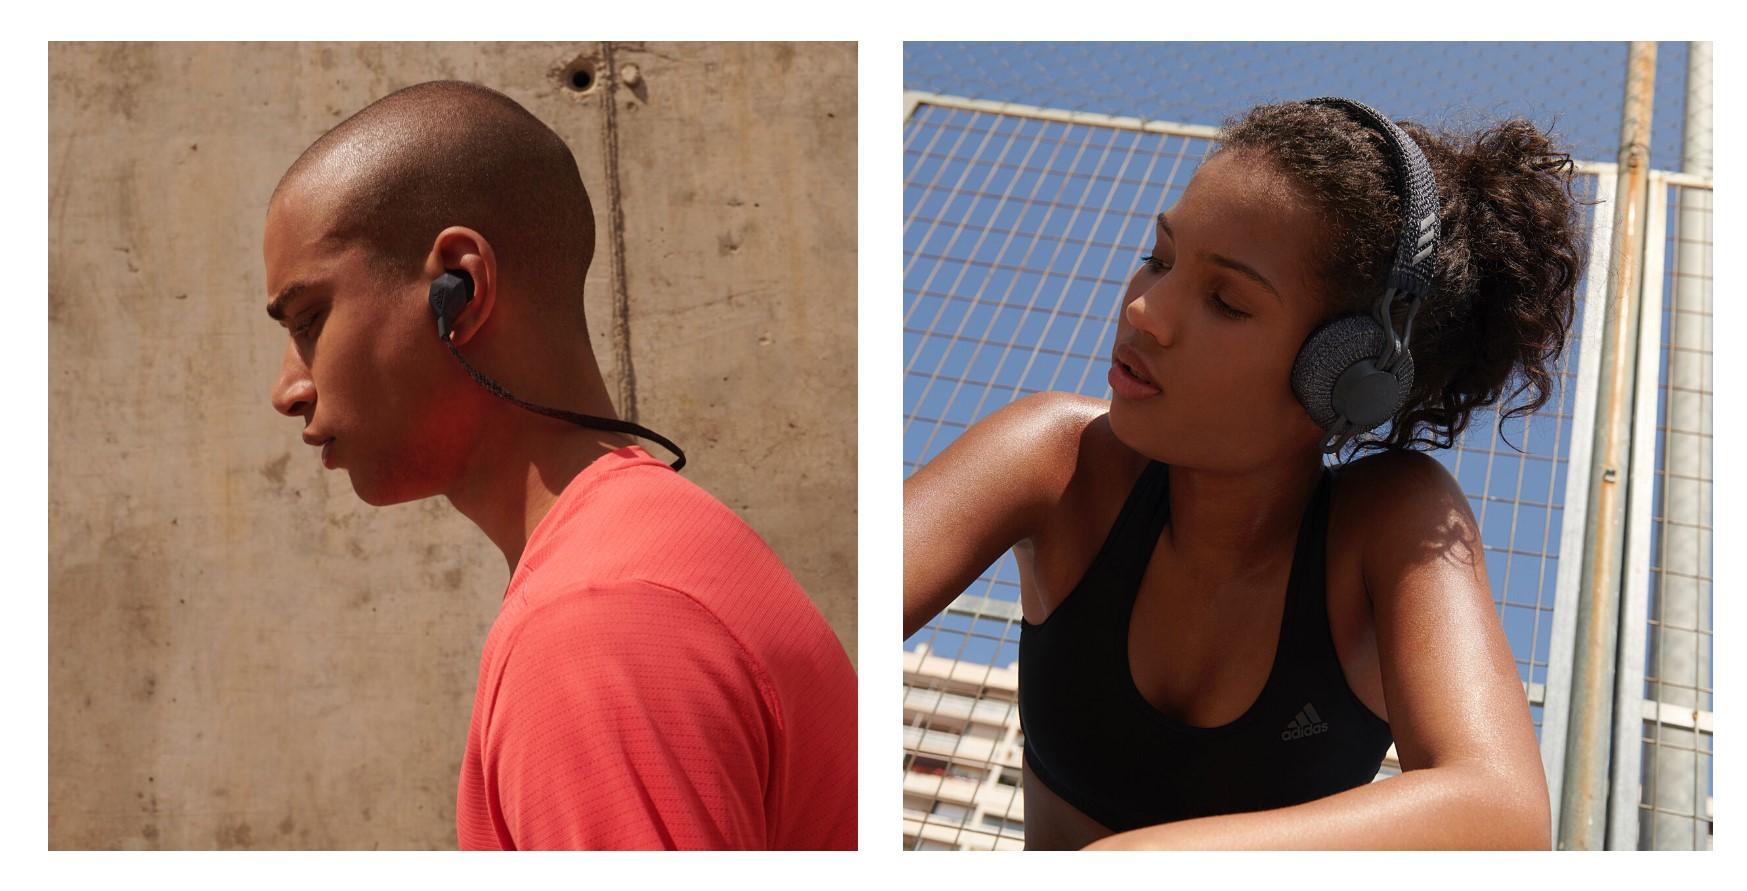 Słuchawki Adidasa - must have dla aktywnych melomanów